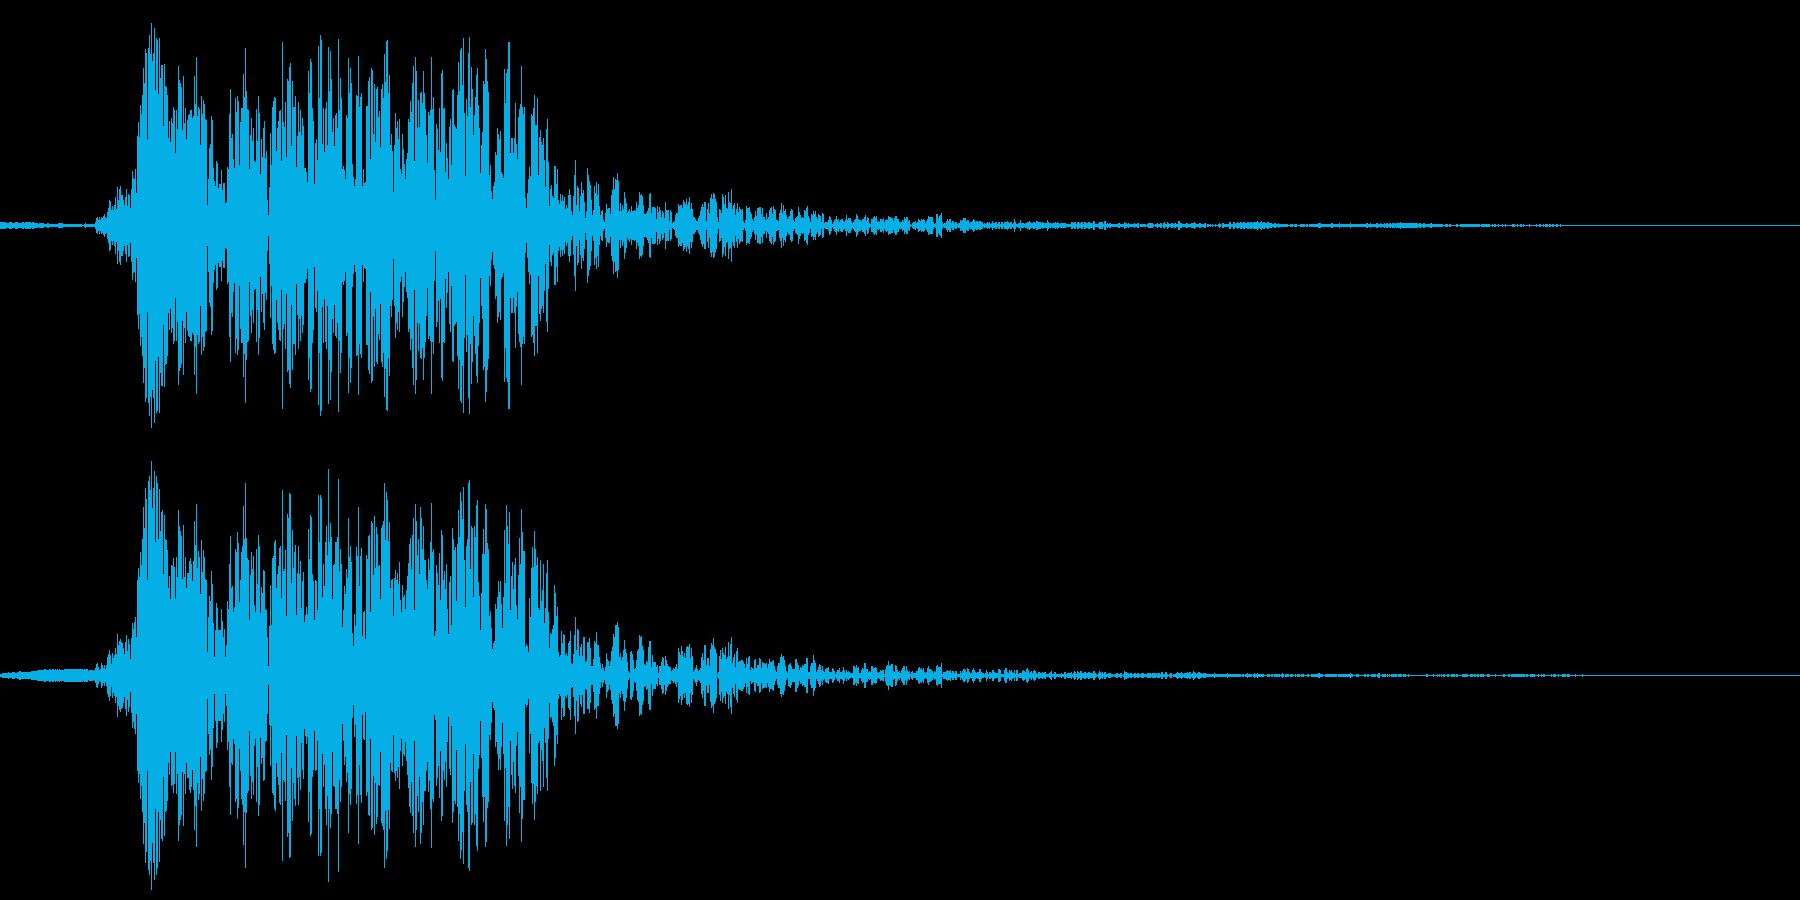 犬の鳴き声(ワンと一回吠える)の再生済みの波形